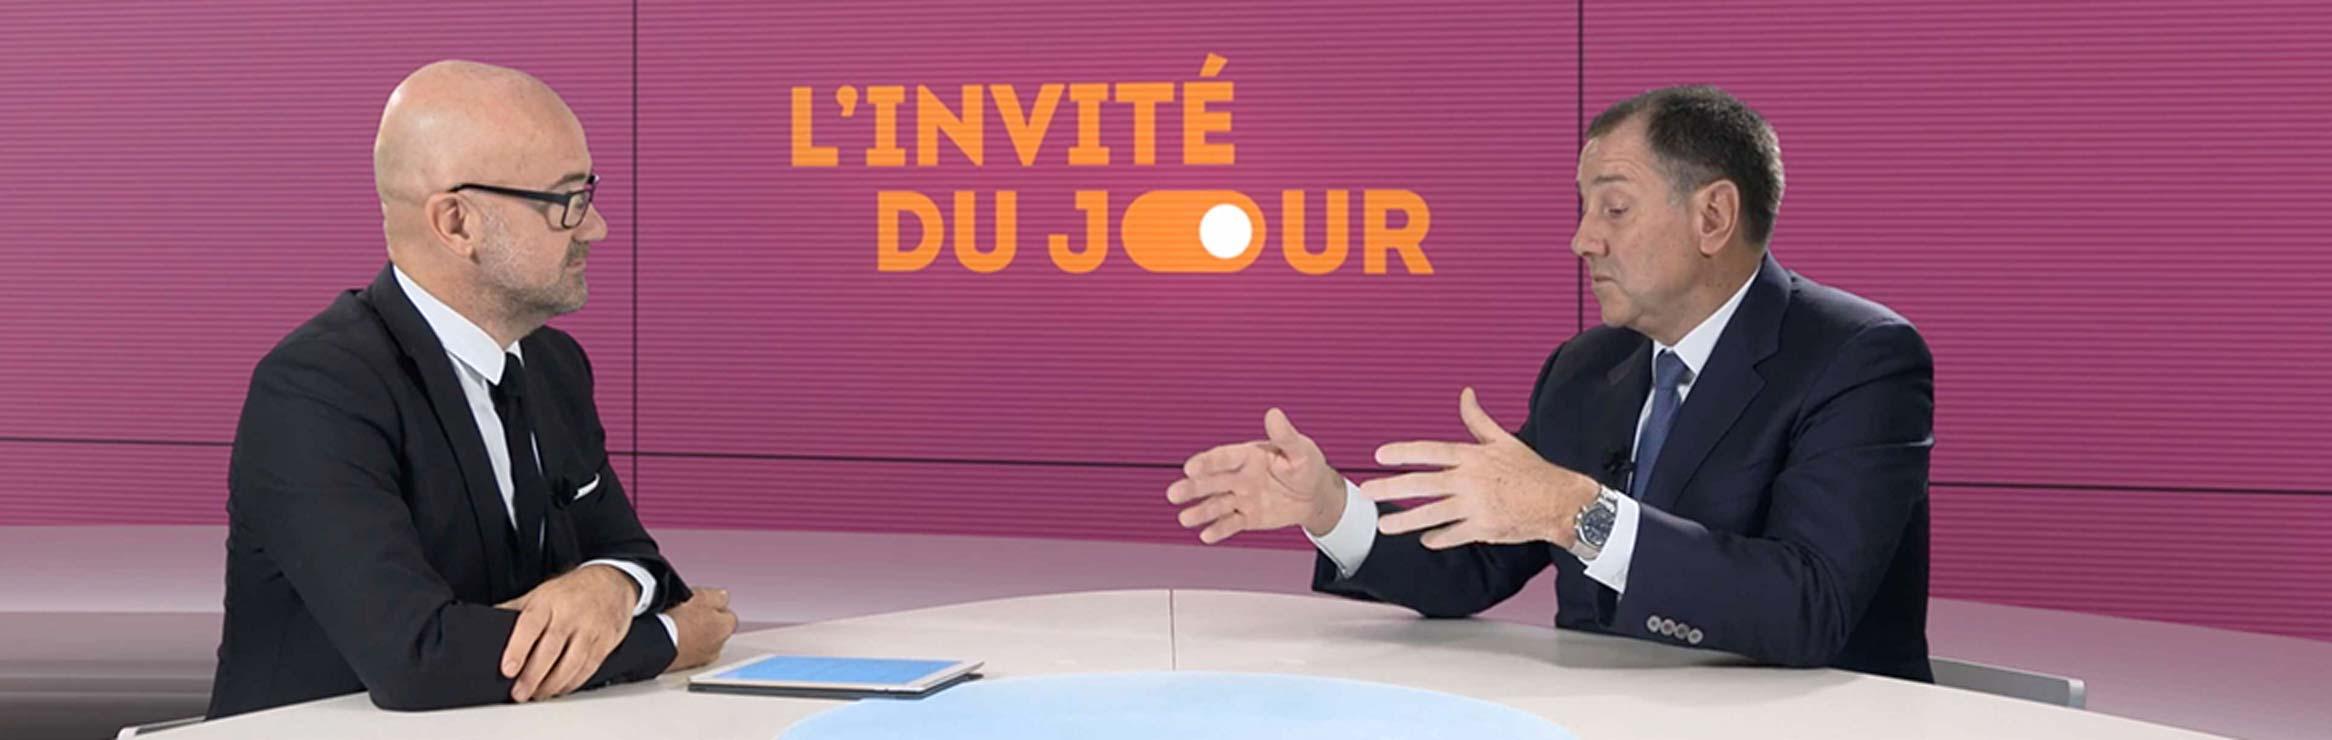 TV Studio with green screen in Paris - Videology Studio